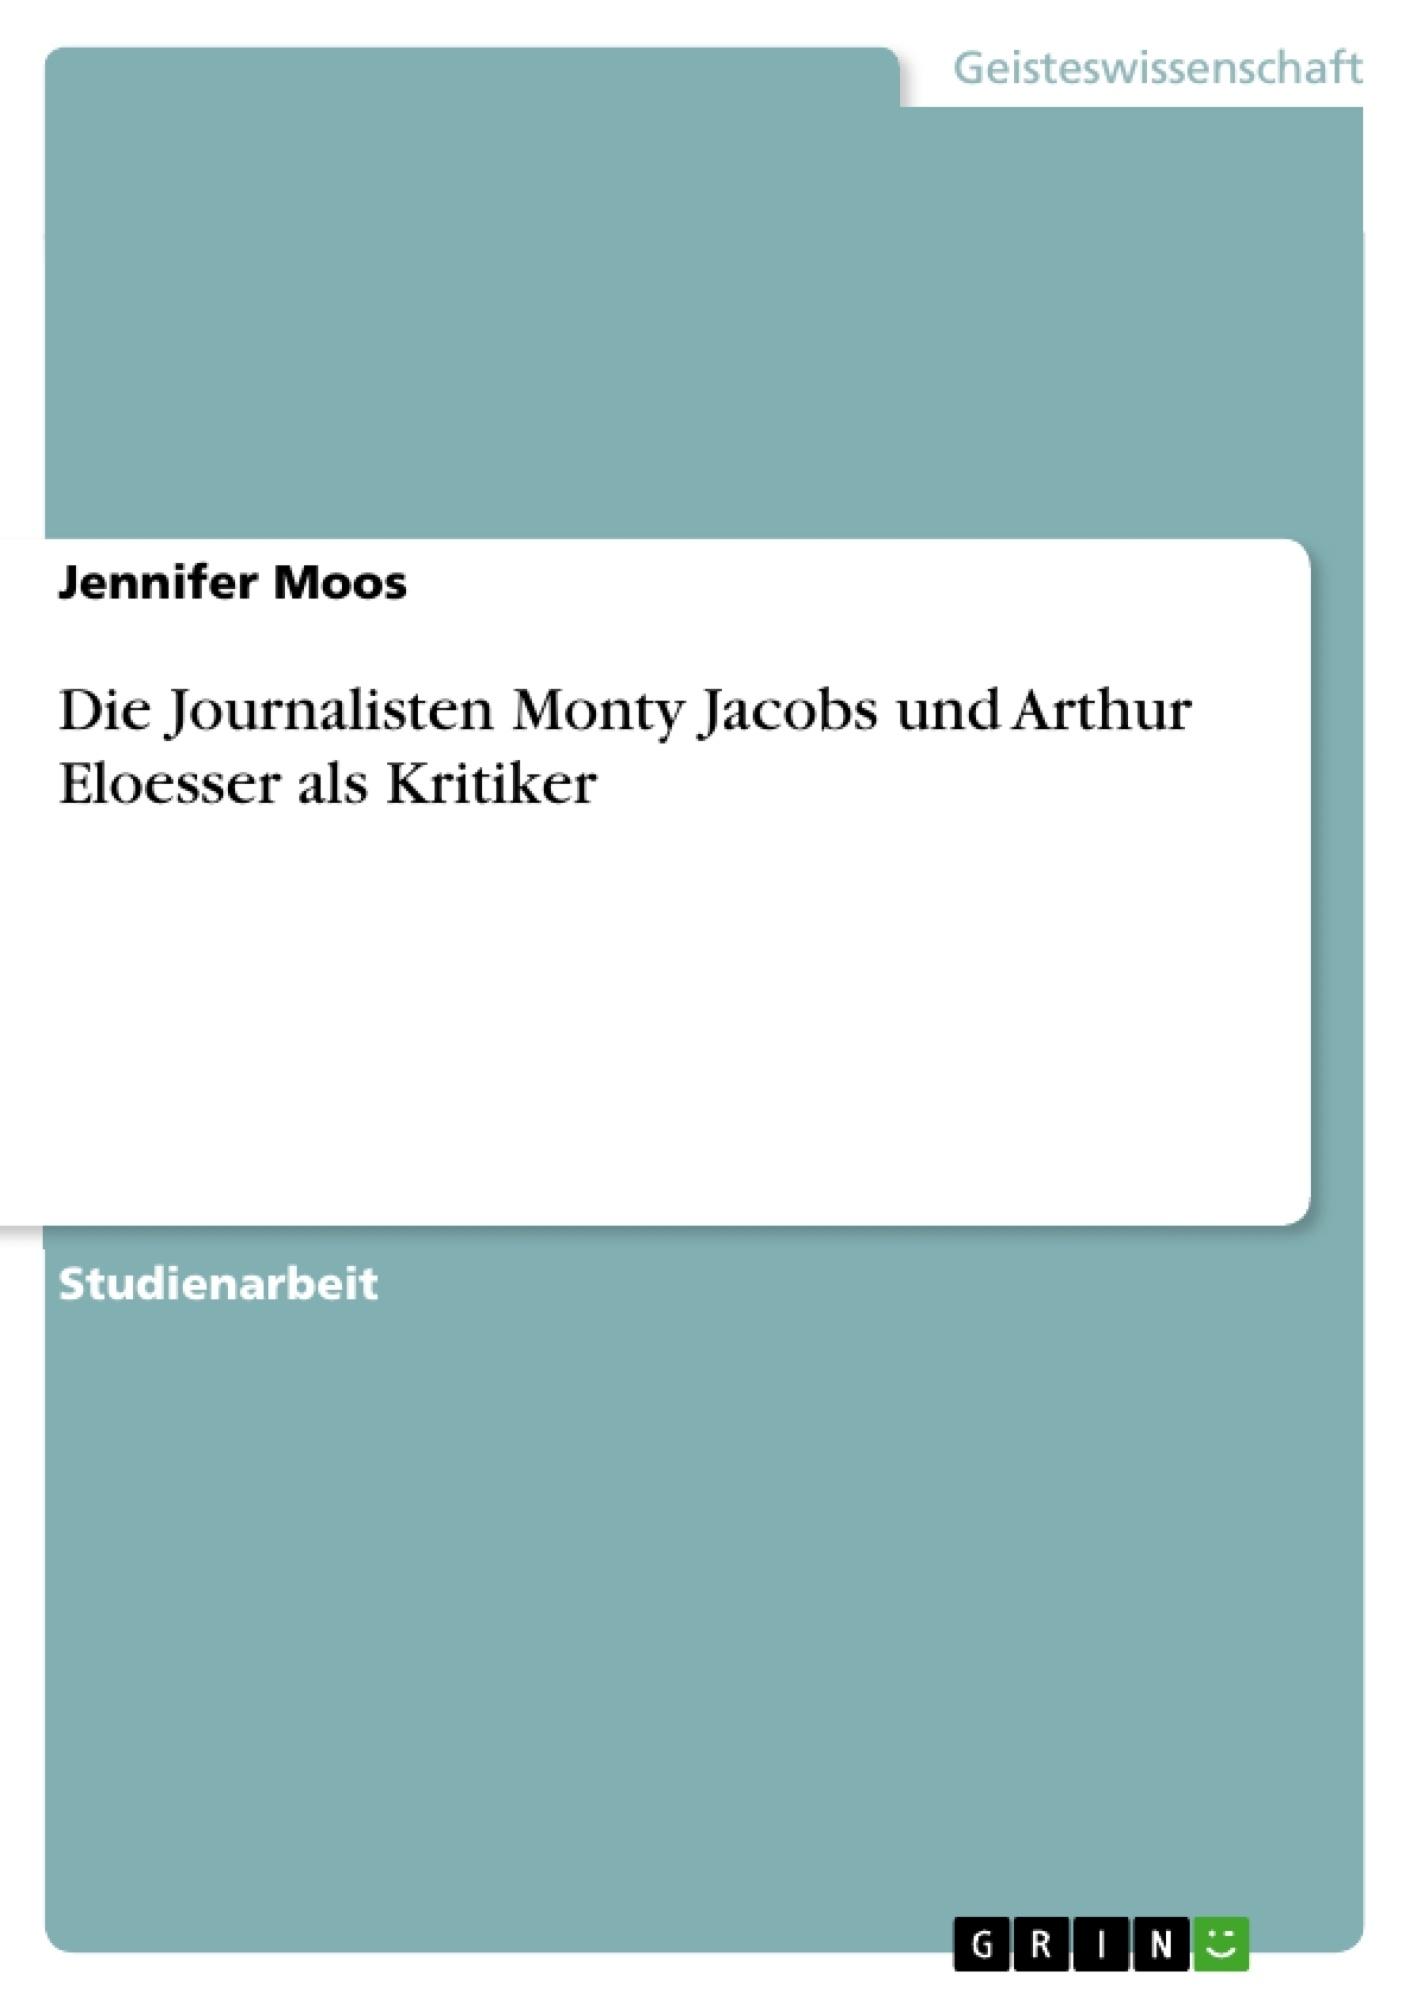 Titel: Die Journalisten Monty Jacobs und Arthur Eloesser als Kritiker